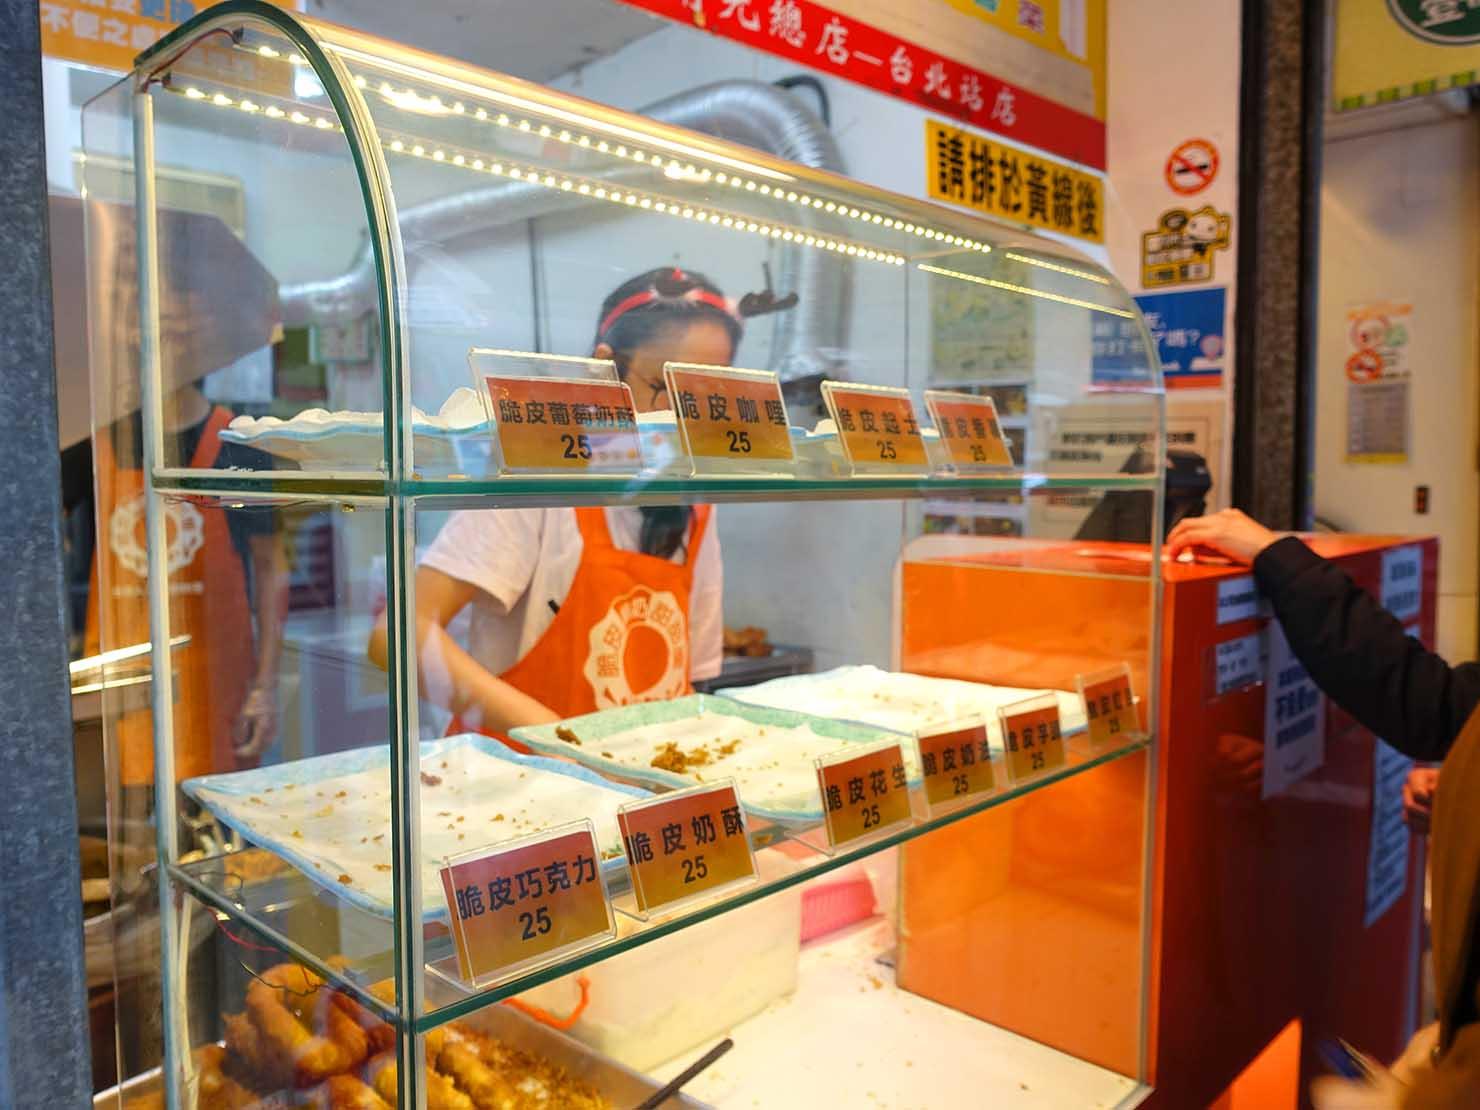 台北駅エリアのおすすめ台湾スイーツ店「脆皮鮮奶甜甜圈」のカウンター